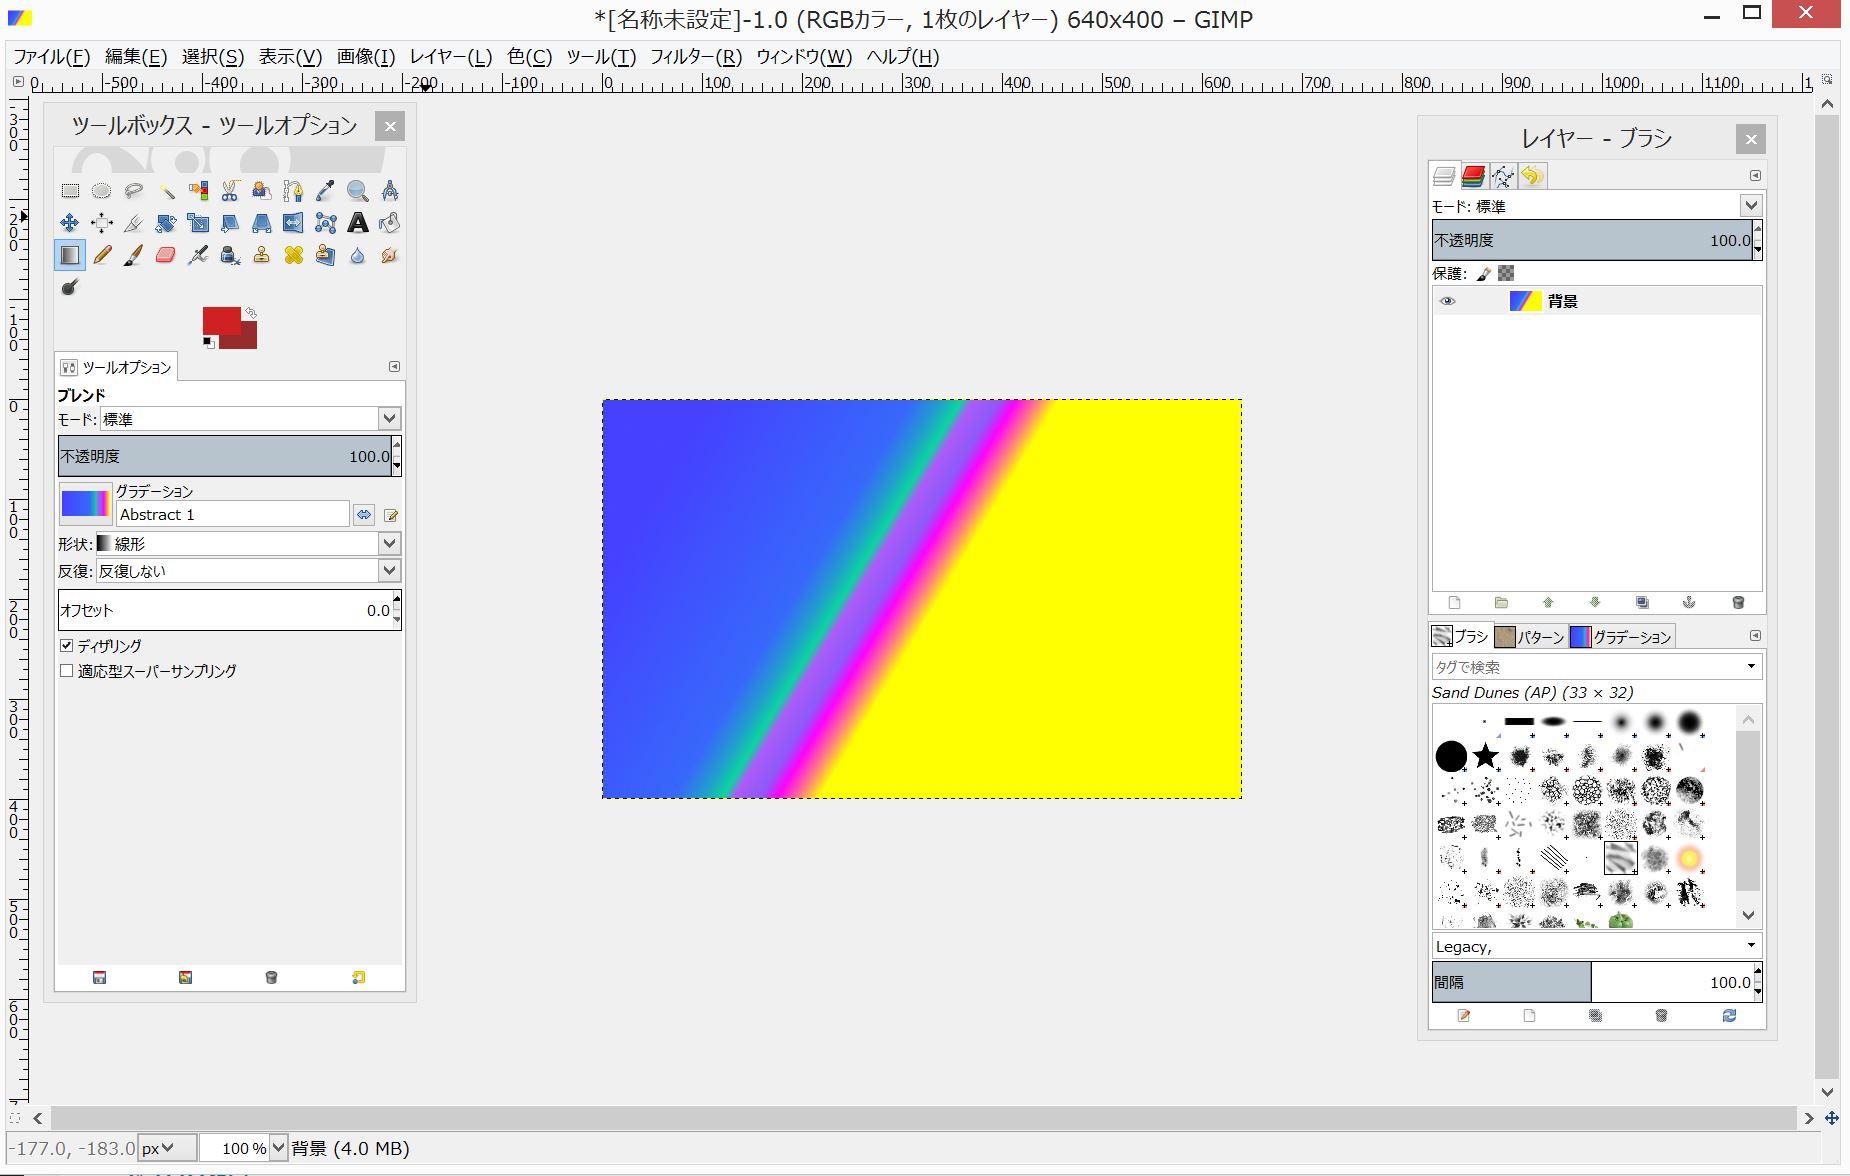 無料なのに高機能!デザイナーに選ばれている画像編集ソフト8選 | codecampus